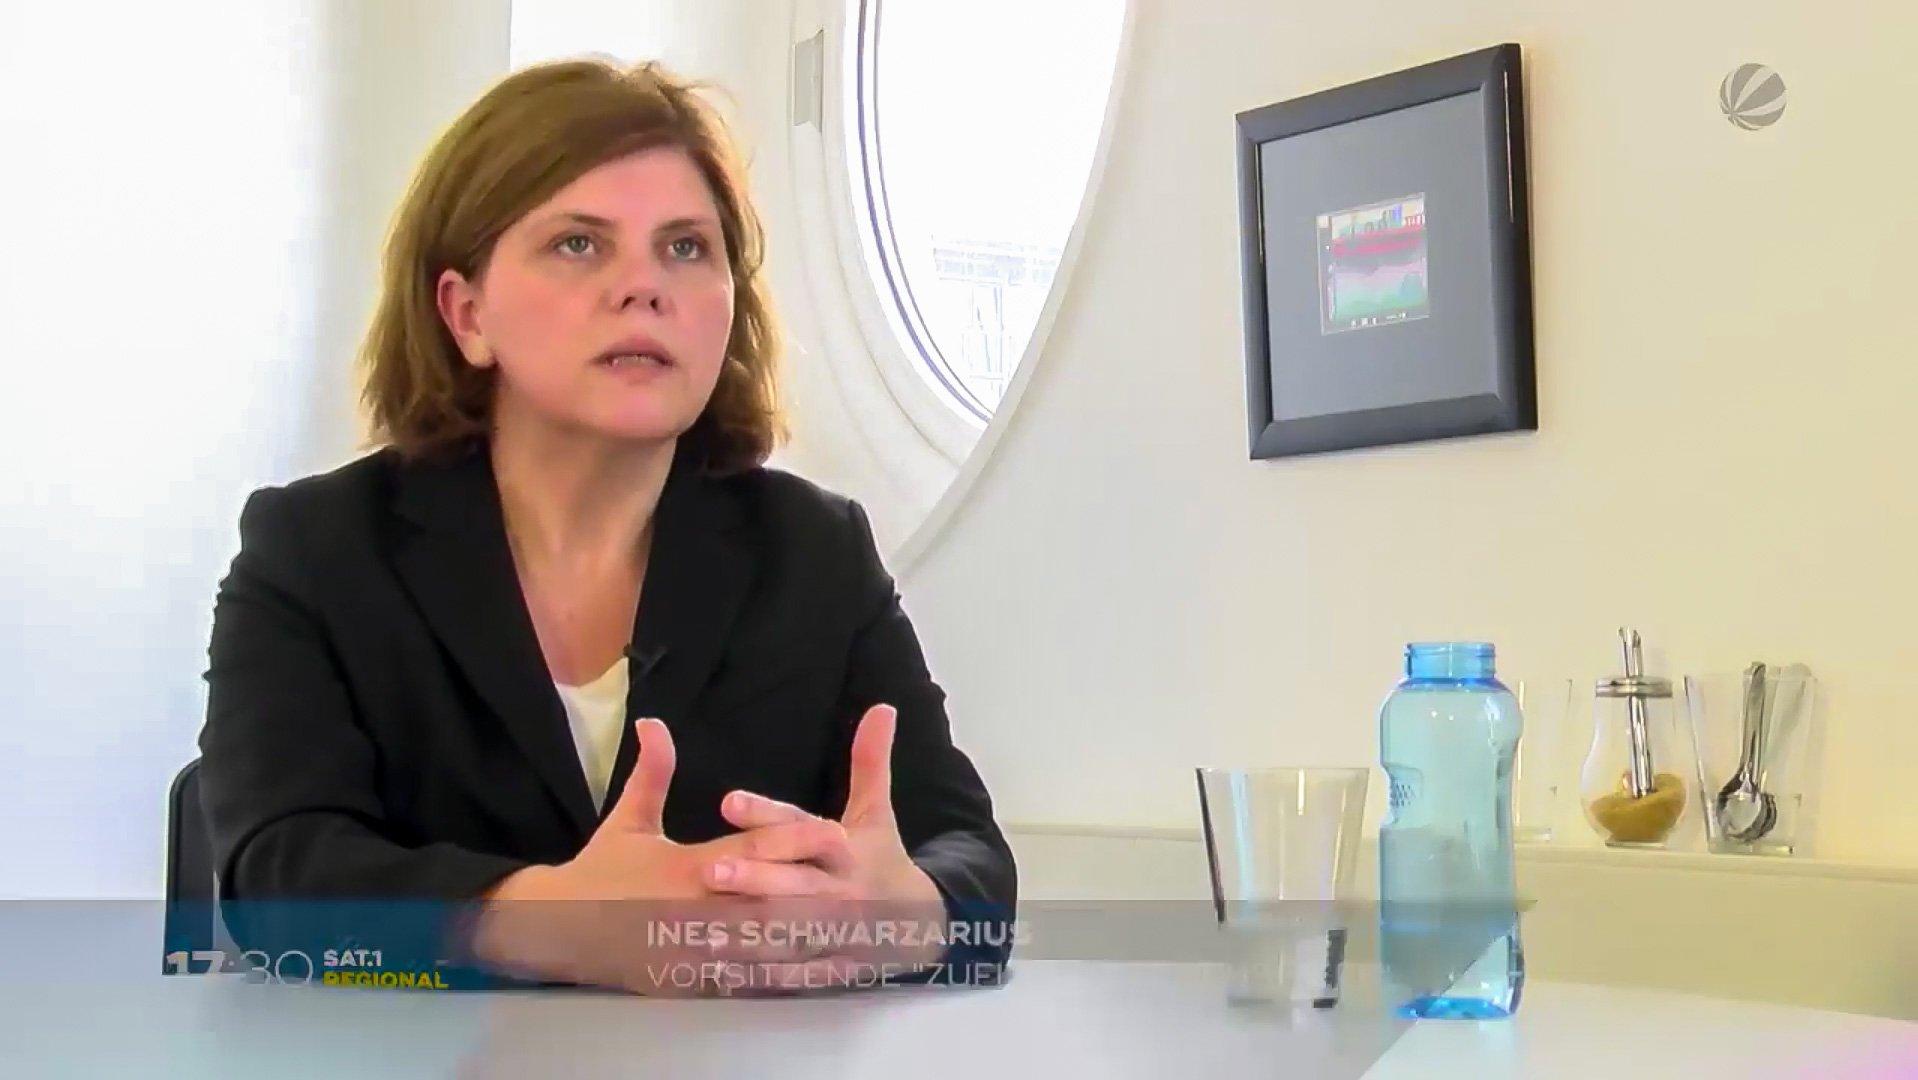 Ines Schwarzarius – Projektleitung ZuFlucht Lebenshilfe SAT1 Reginal-Interview